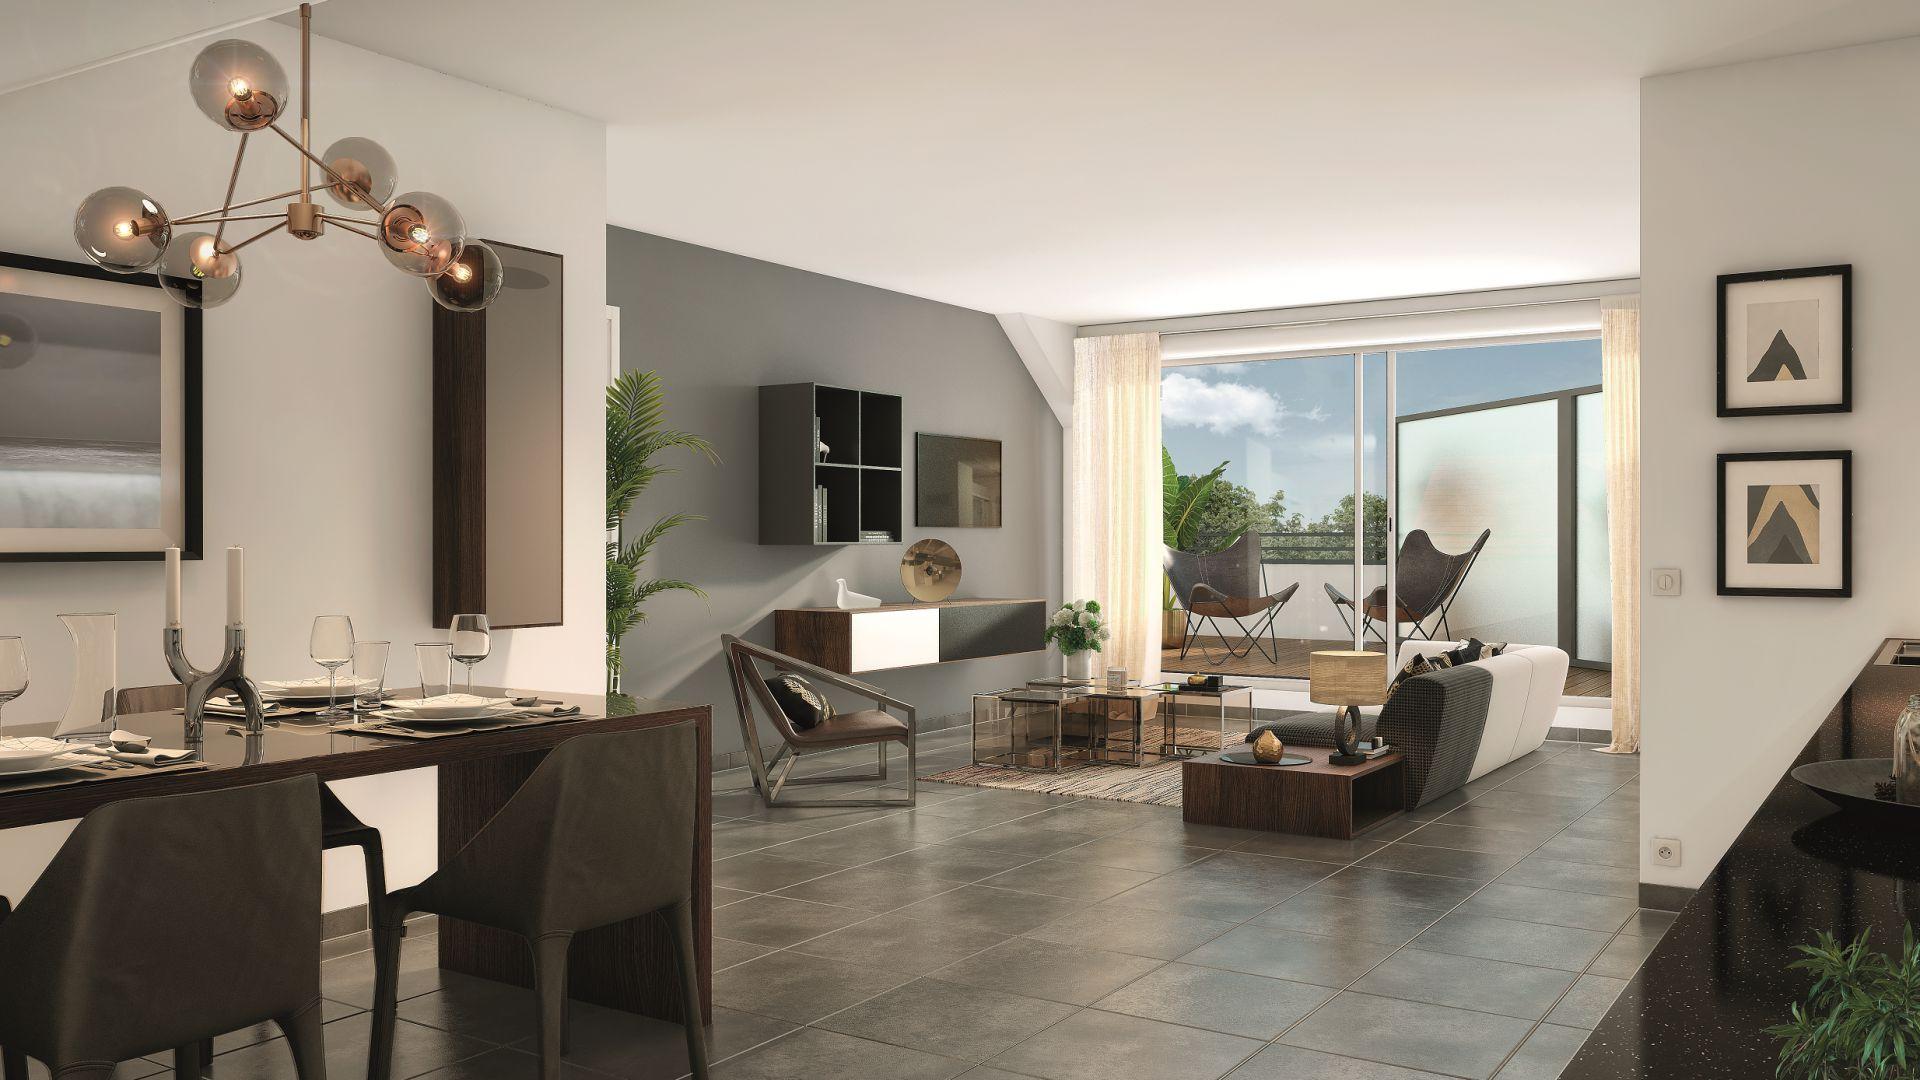 GreenCity Immobilier - Esprit Lodge - Périgny sur yerres - 94520 vue intérieure